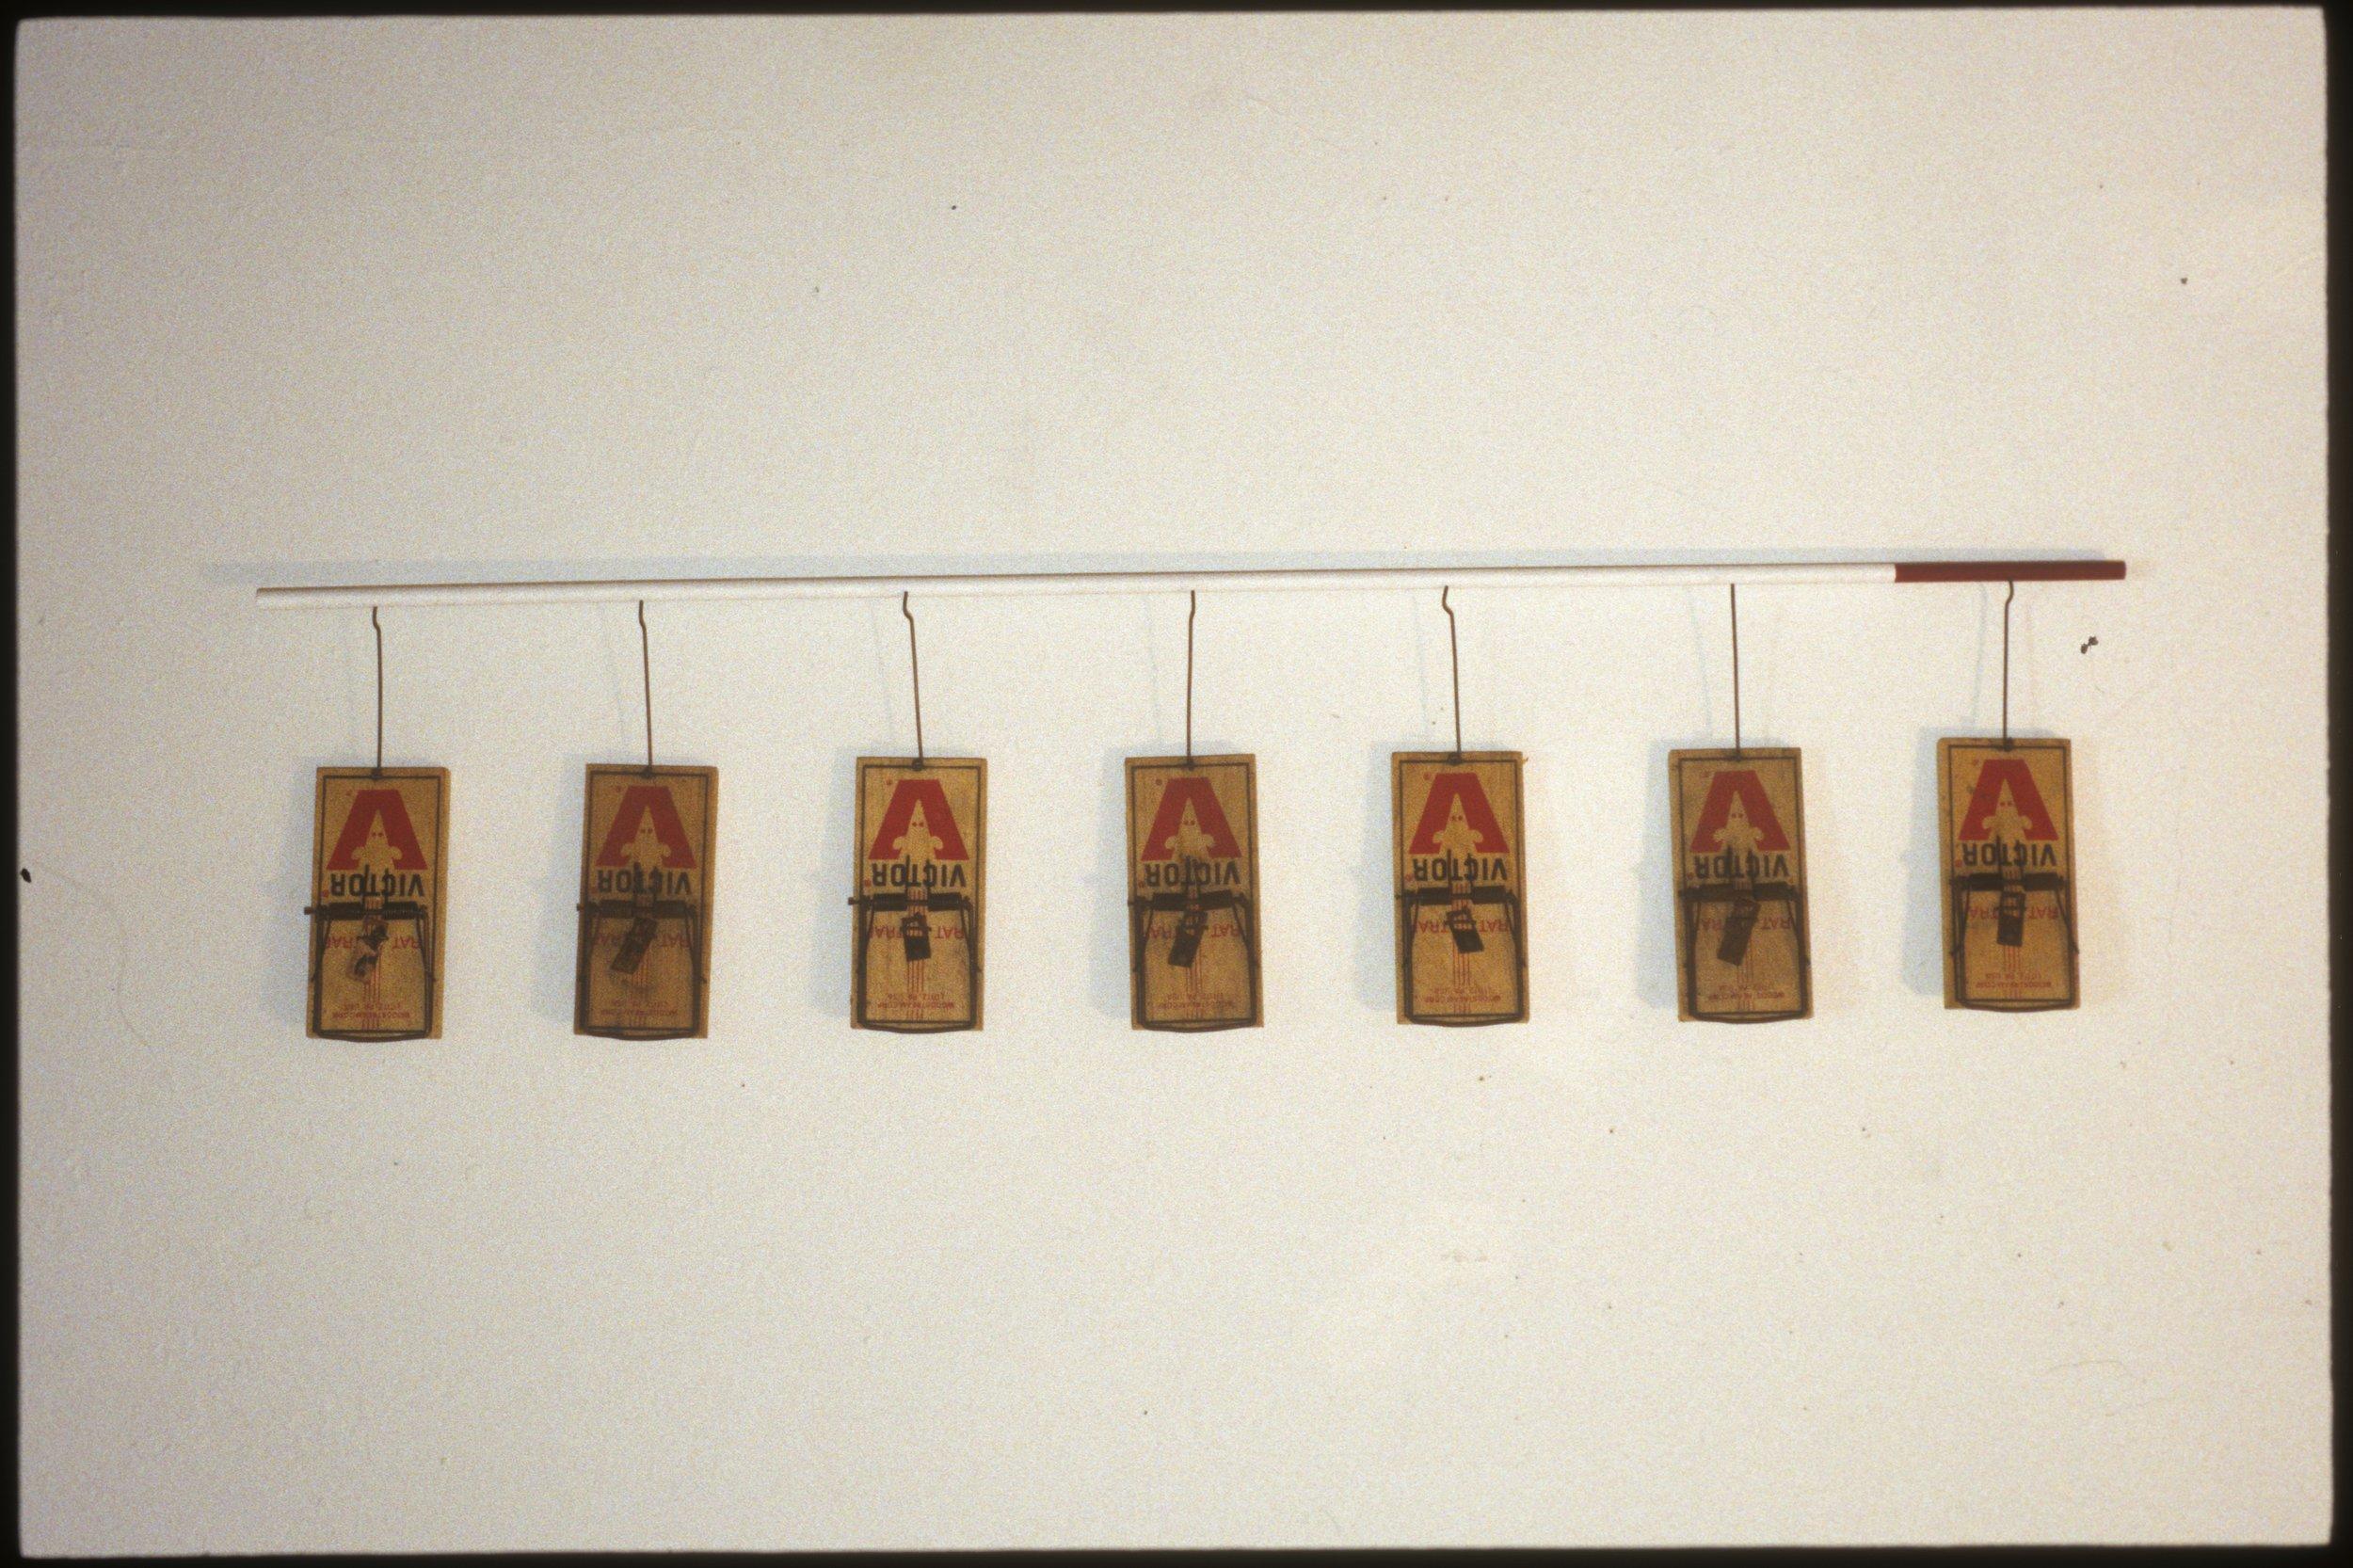 Untitled Cane, 1989